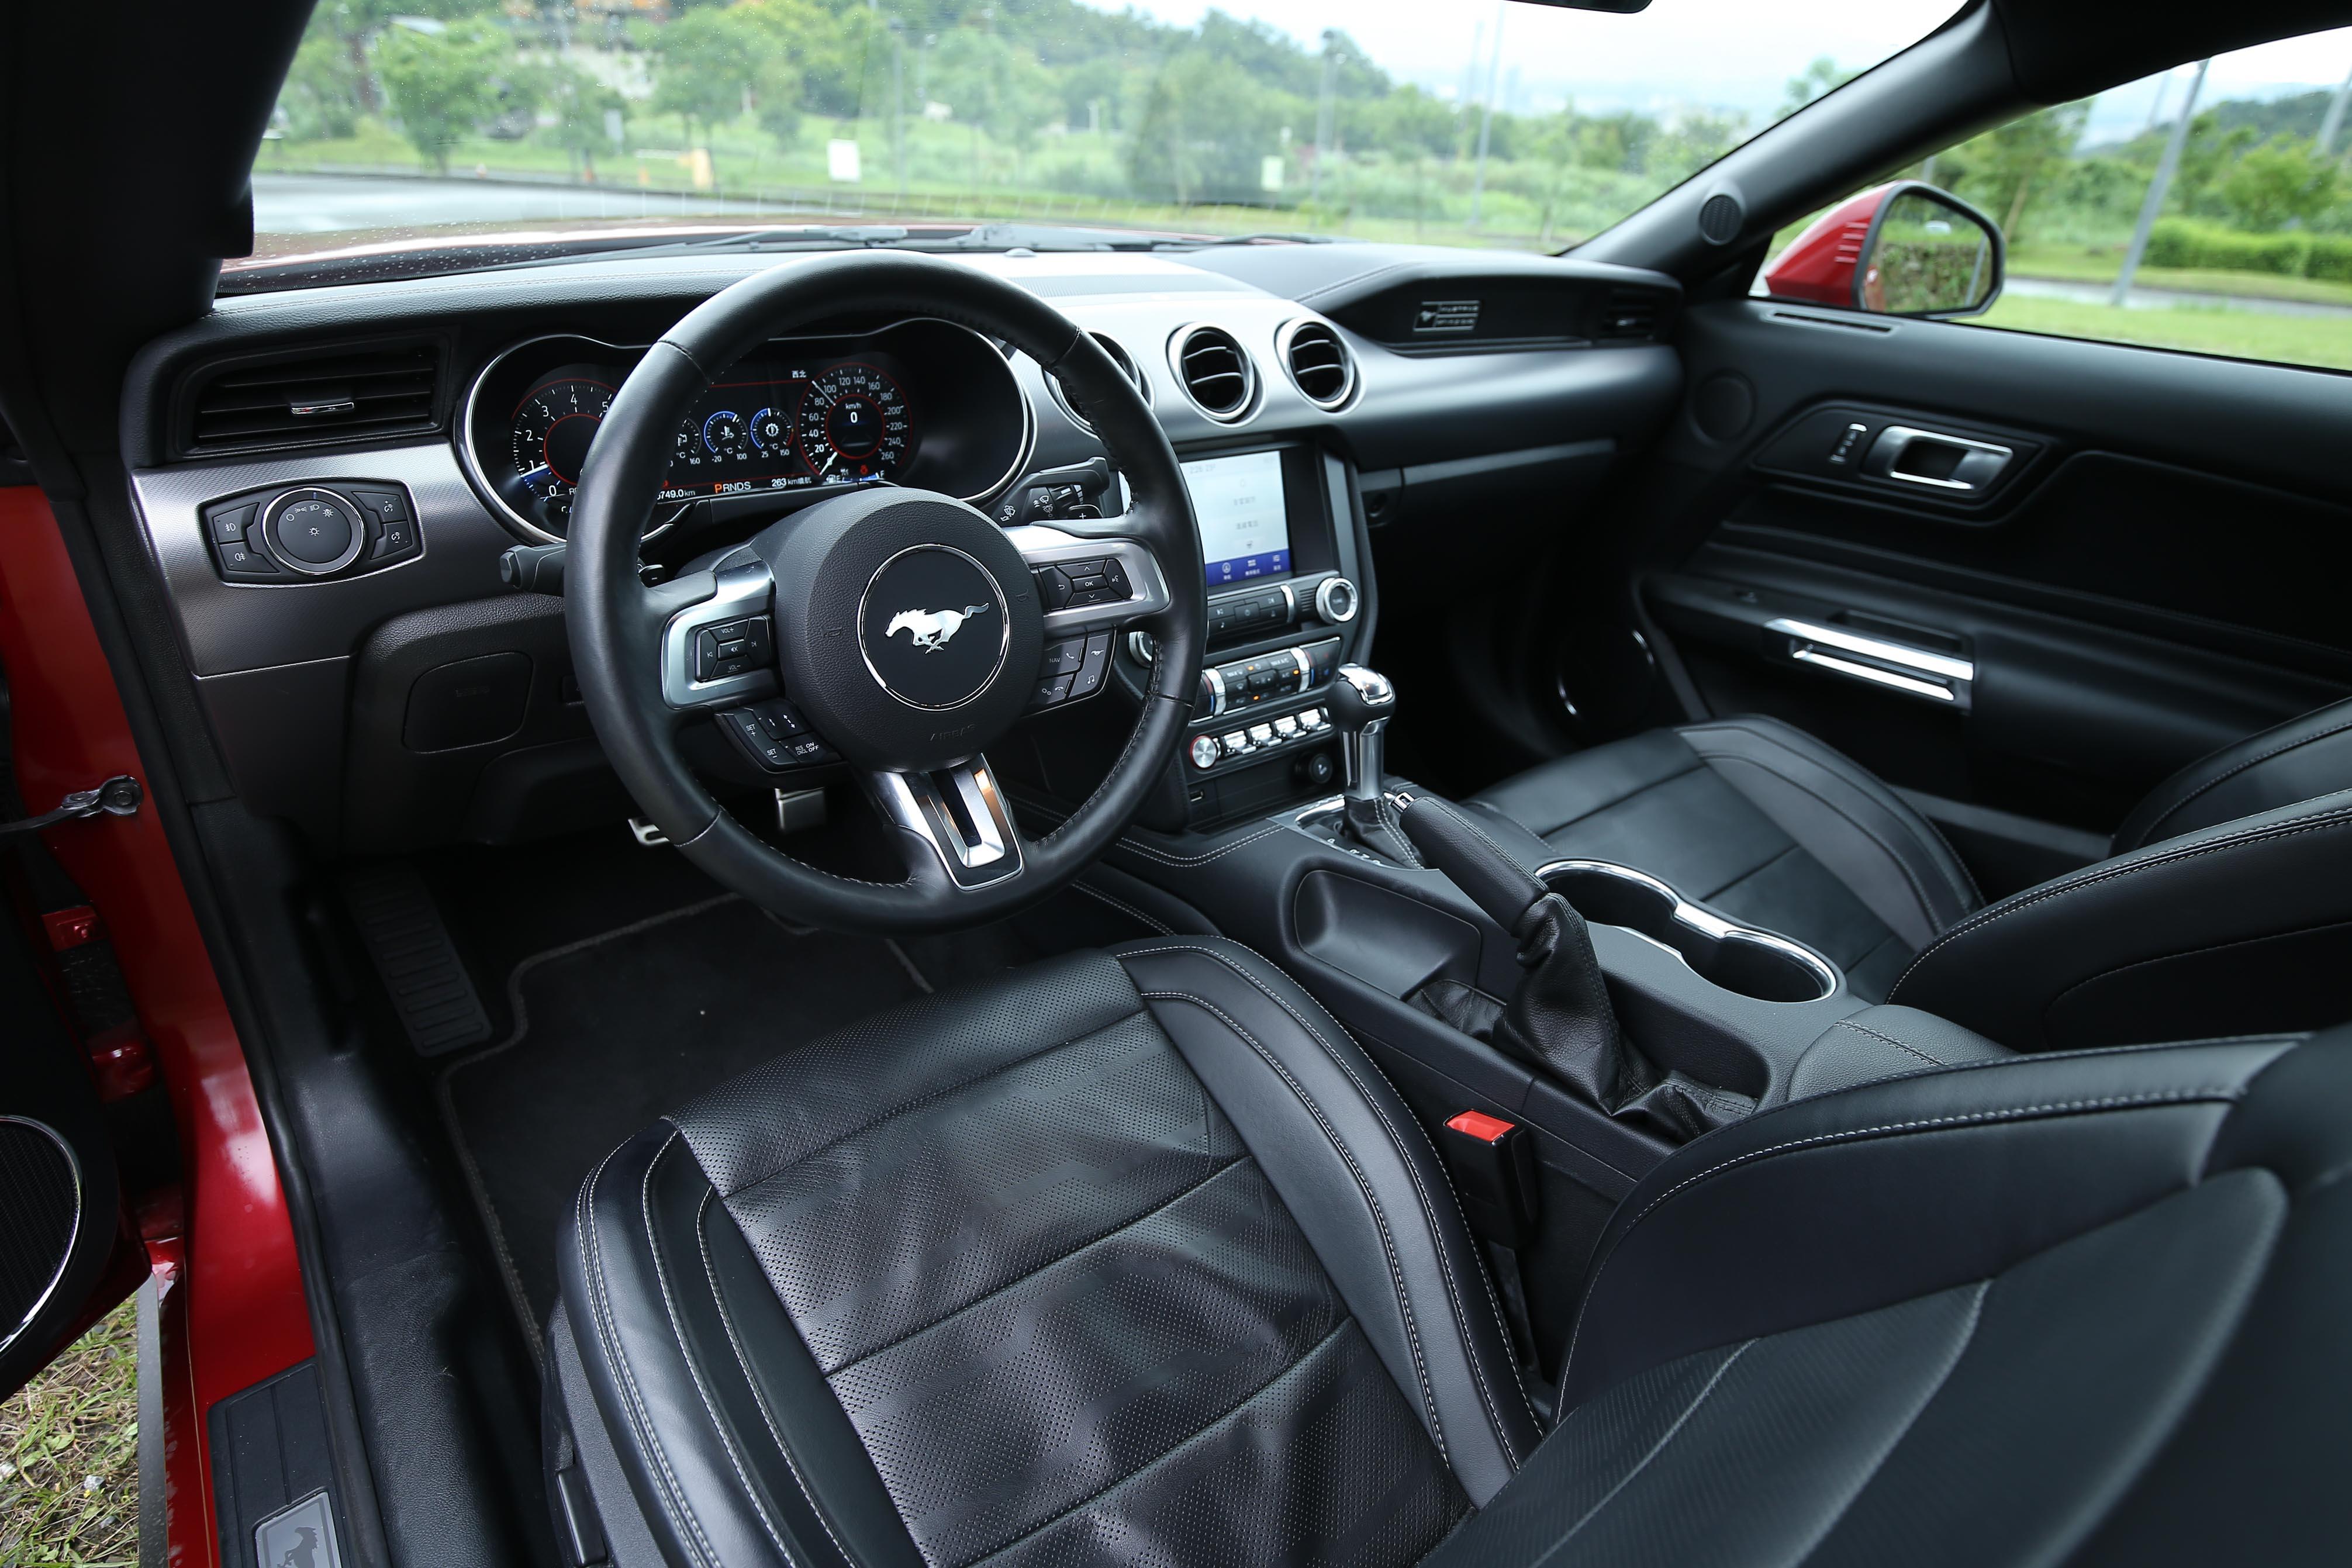 兩車款內裝鋪陳大同小異,皆採用經典對稱式座艙設計。